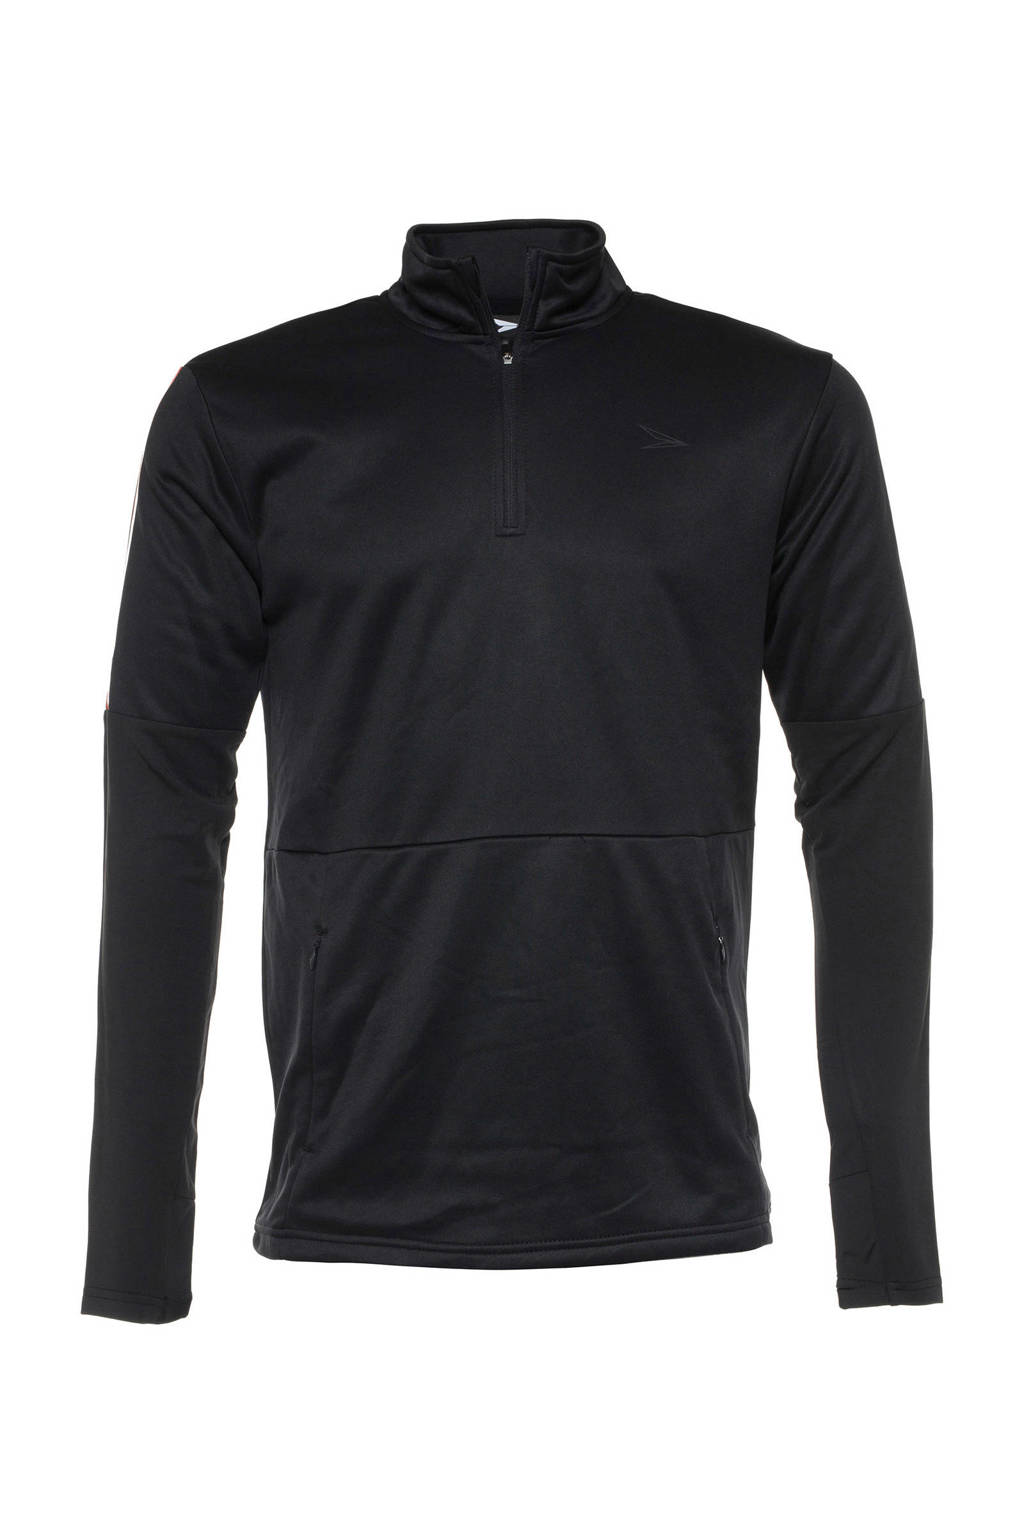 Scapino Dutchy   sport T-shirt zwart, Zwart